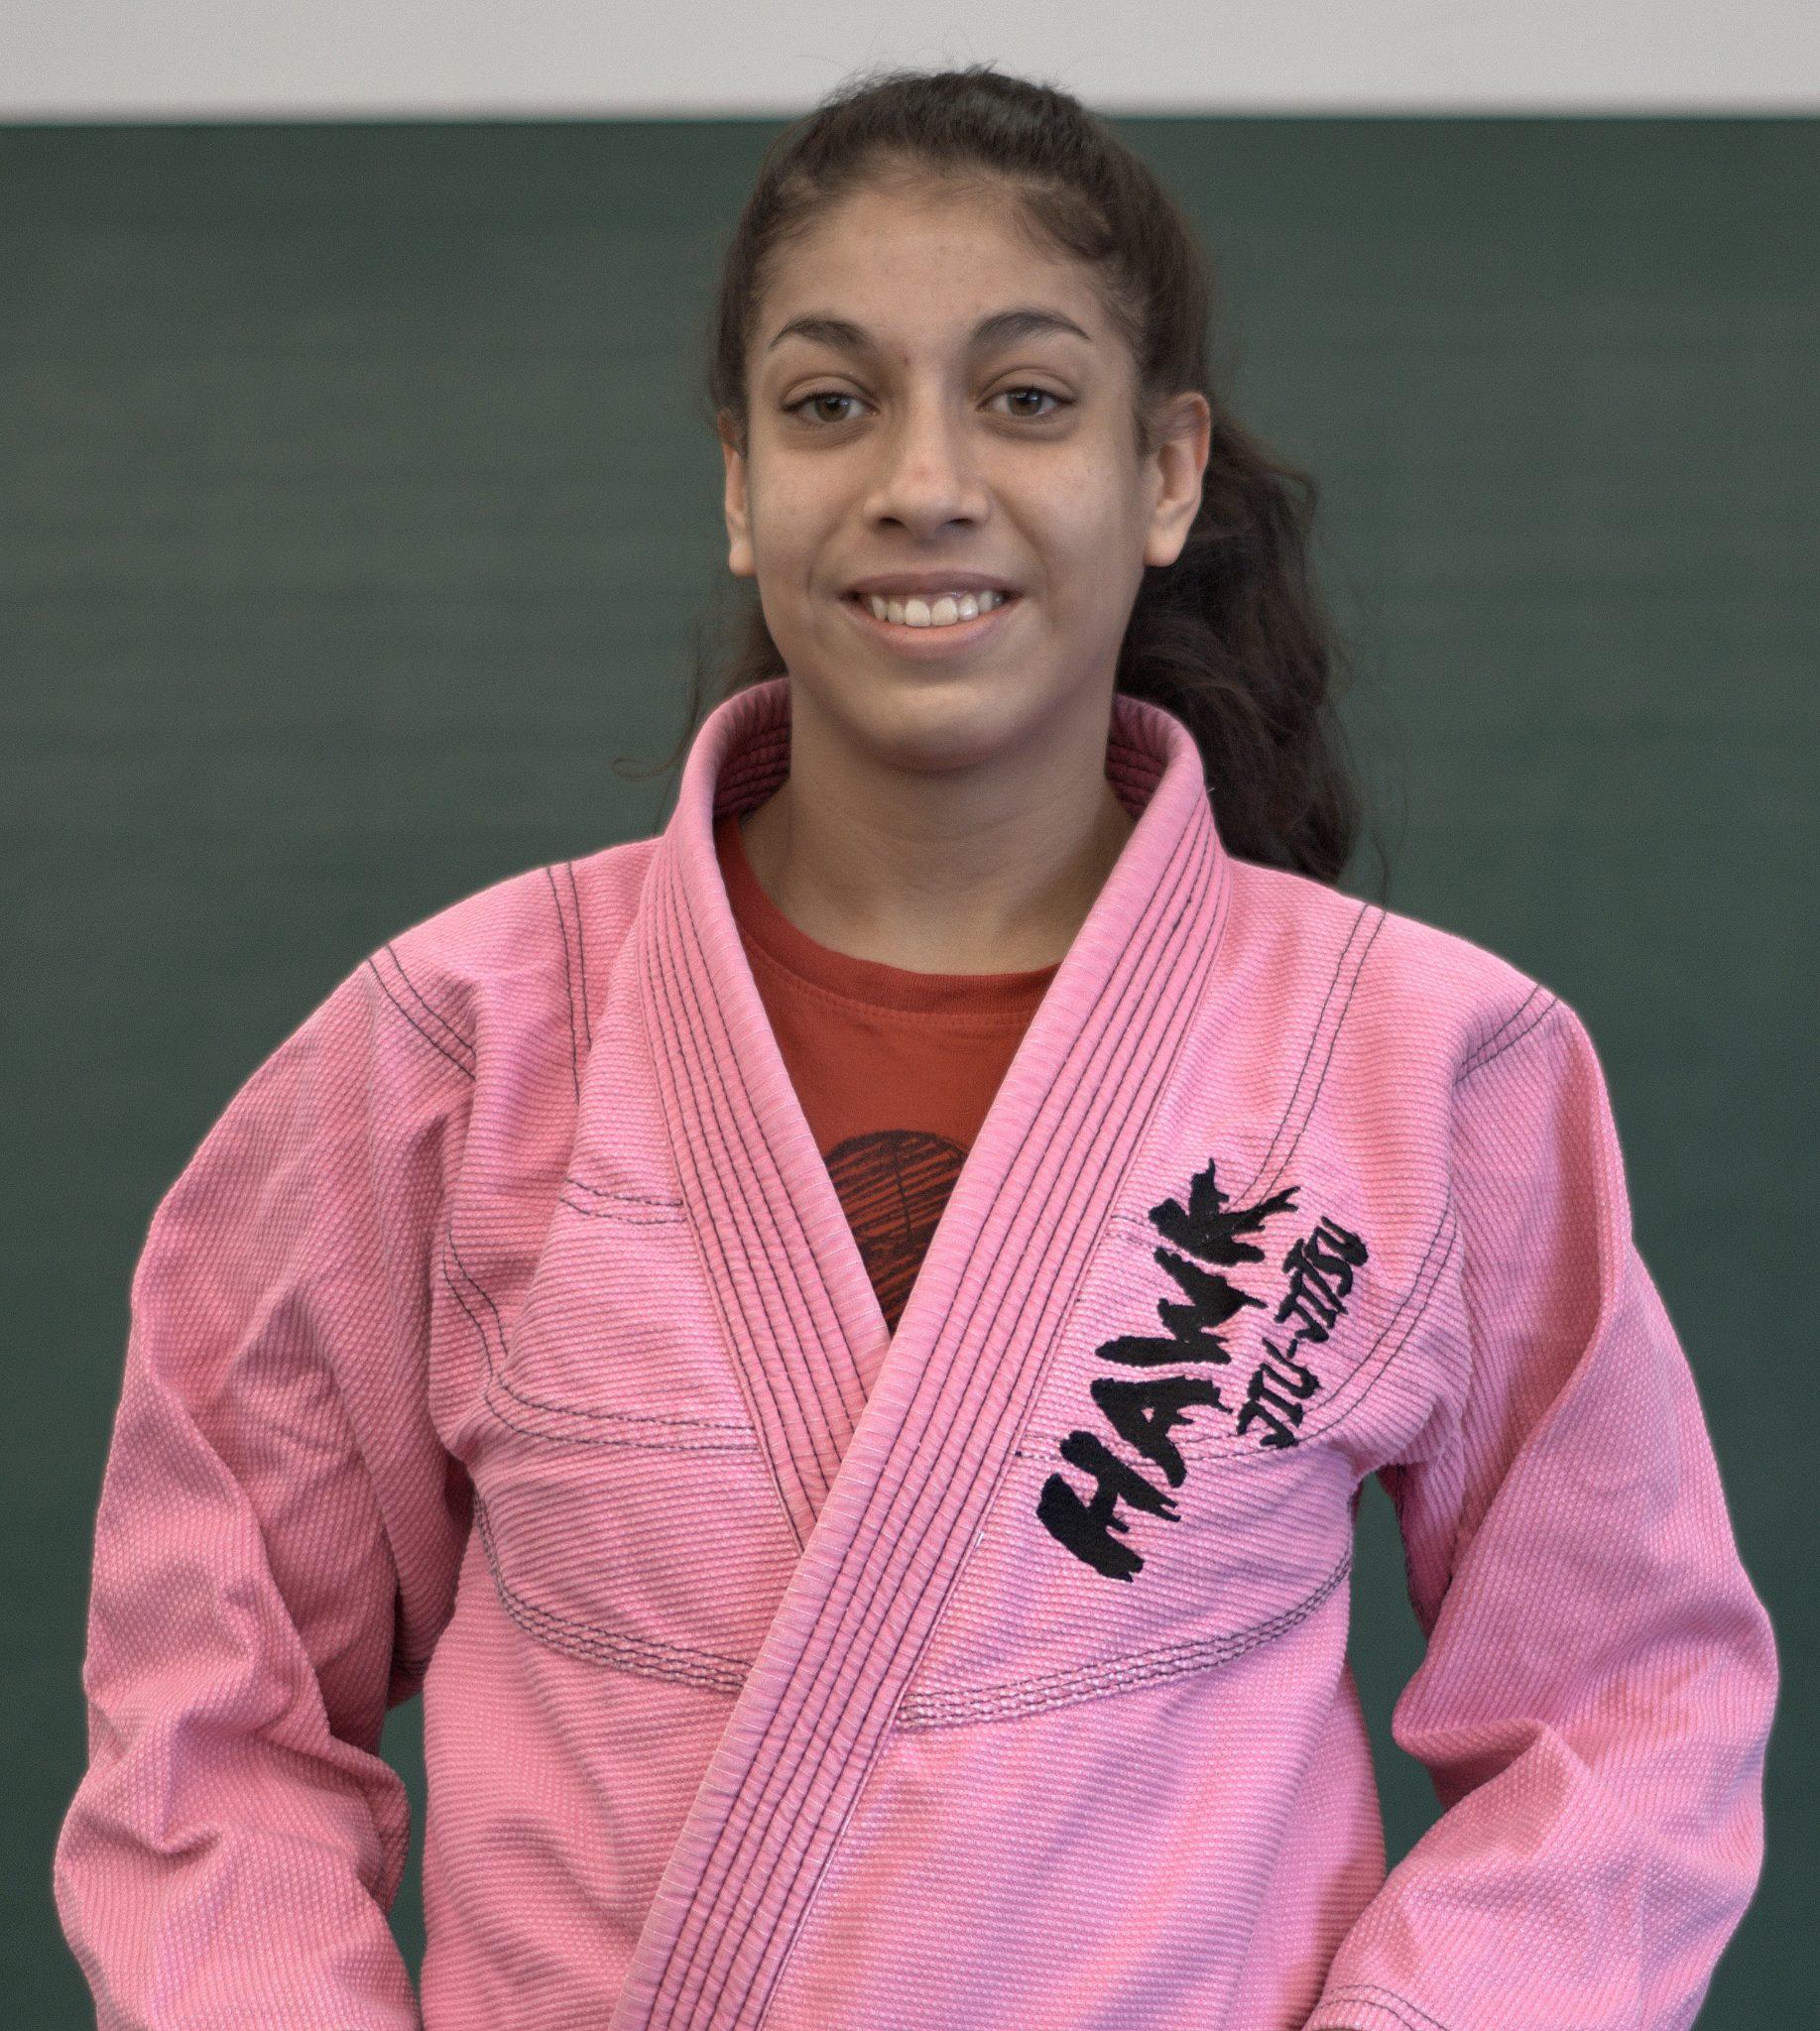 Coach Selena Garcia - Blue Belt | Youth Jiu Jitsu Jiu | Jitsu Fundamentals